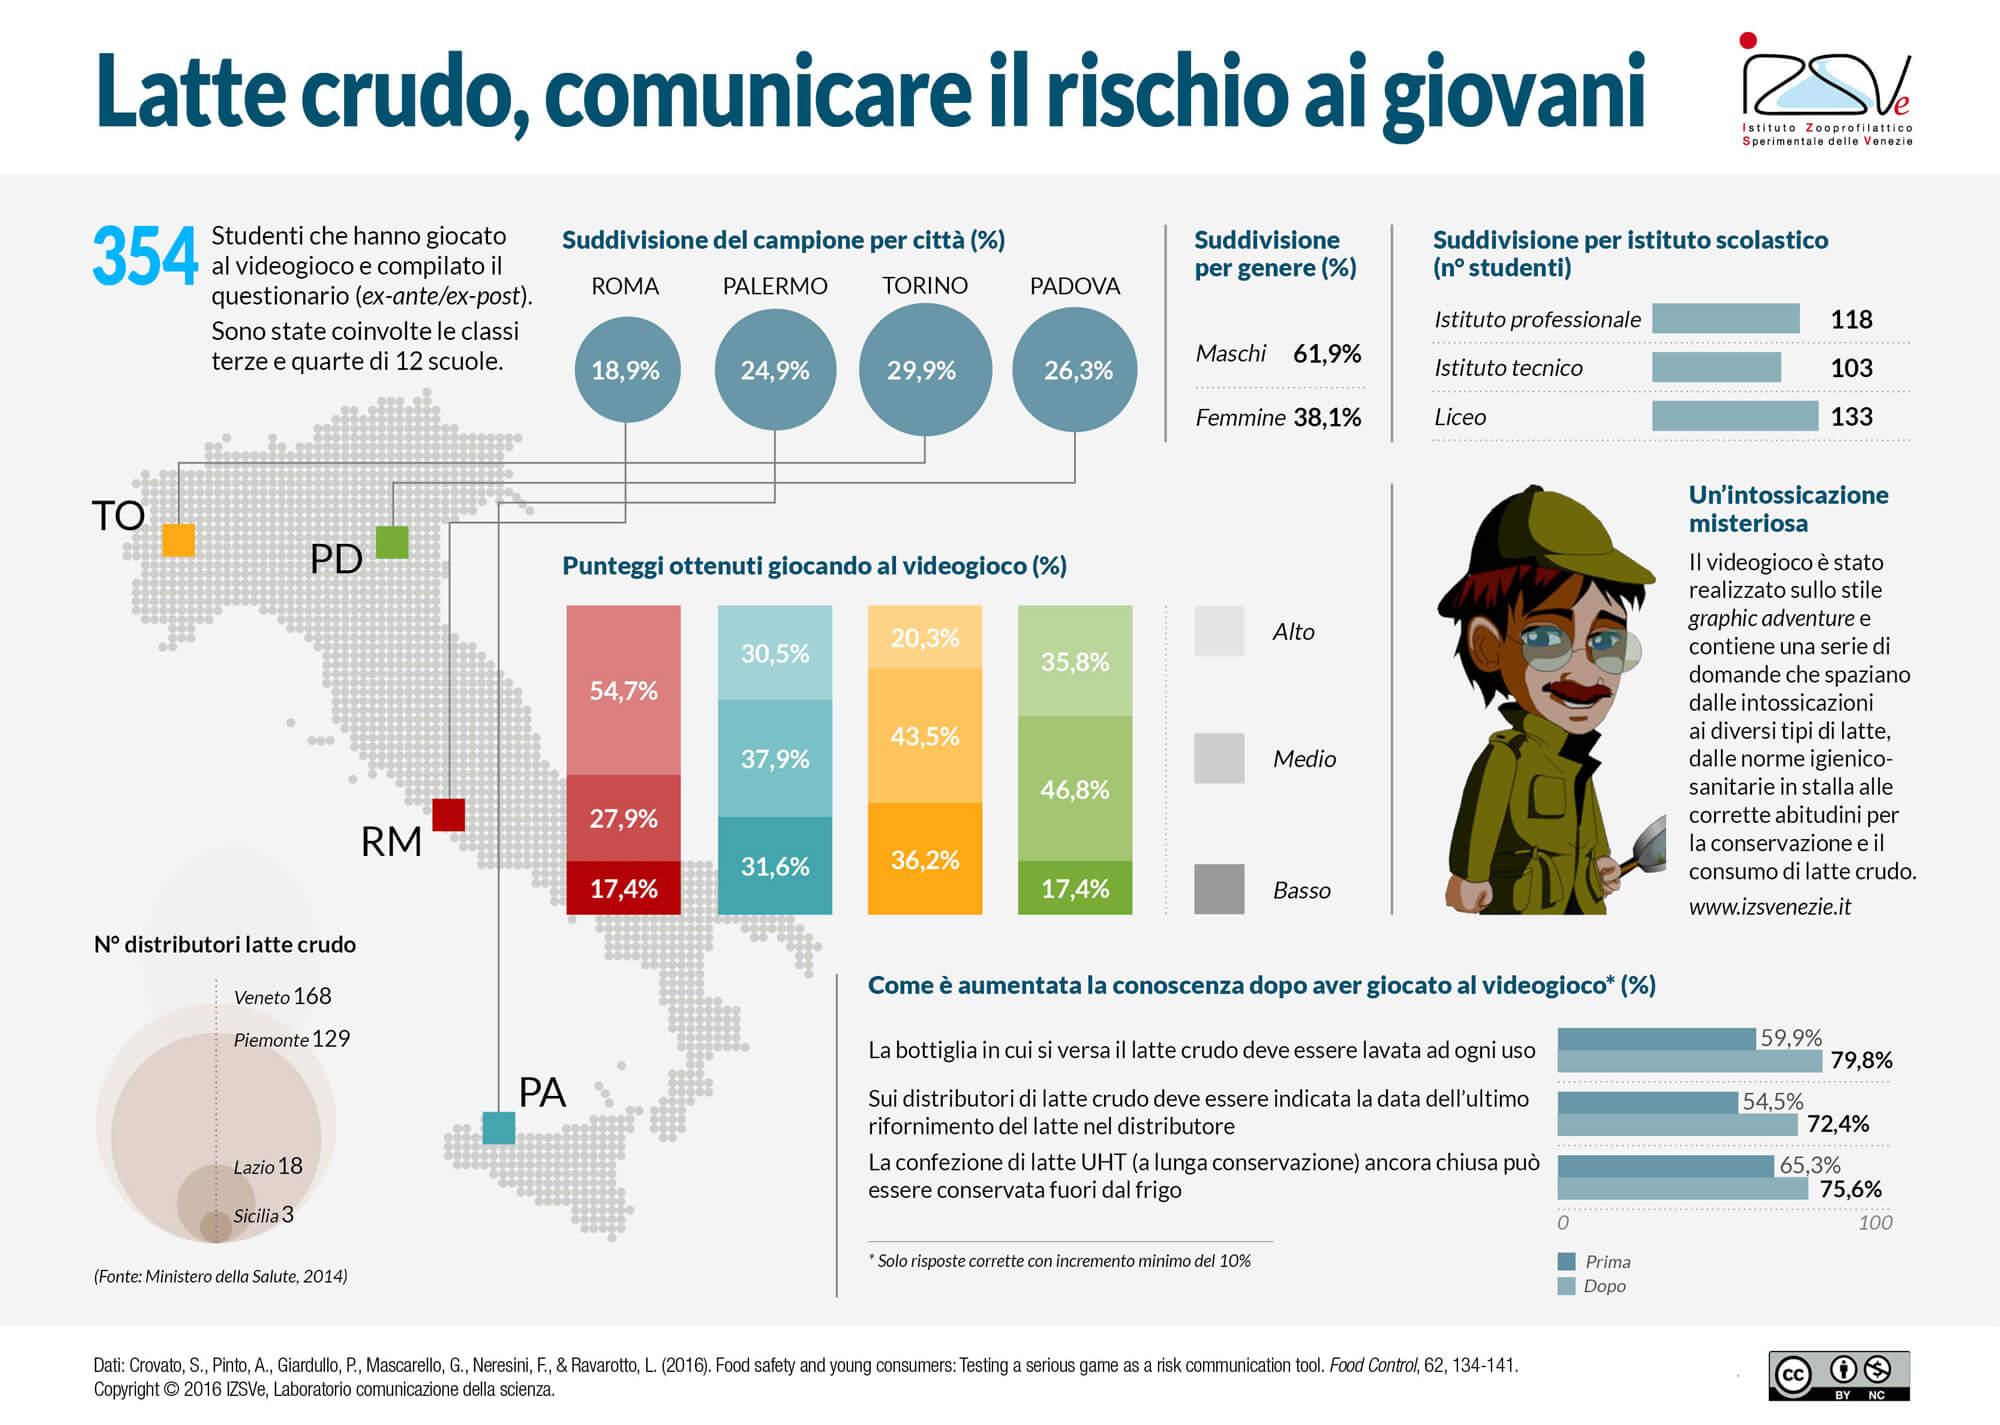 Latte crudo, un videogioco on-line per comunicare il rischio ai giovani. Infografica